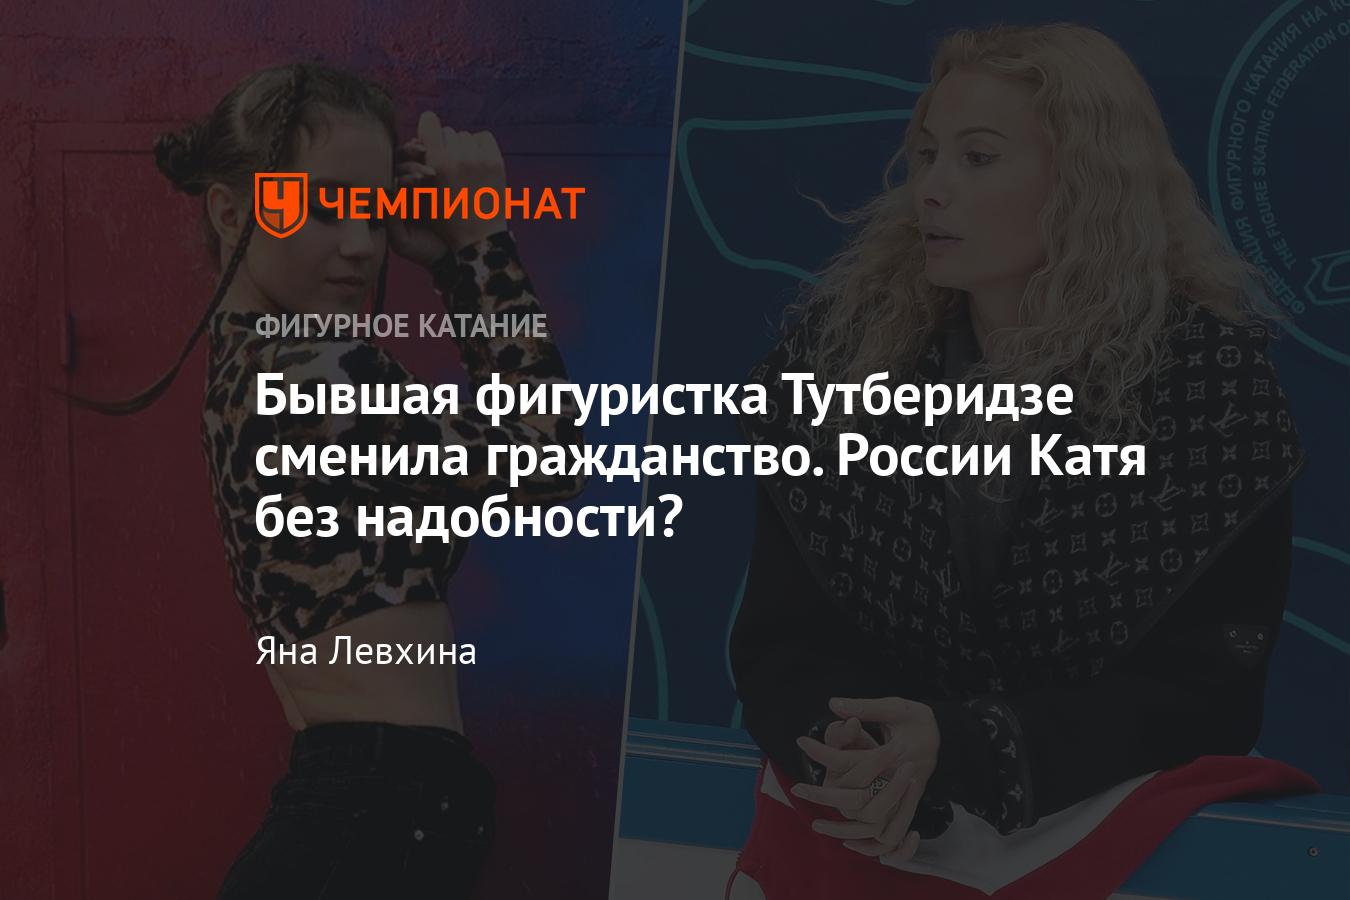 Российская фигуристка Екатерина Митрофанова сменила гражданство — успехи на юниорском уровне, совет от Тутберидзе